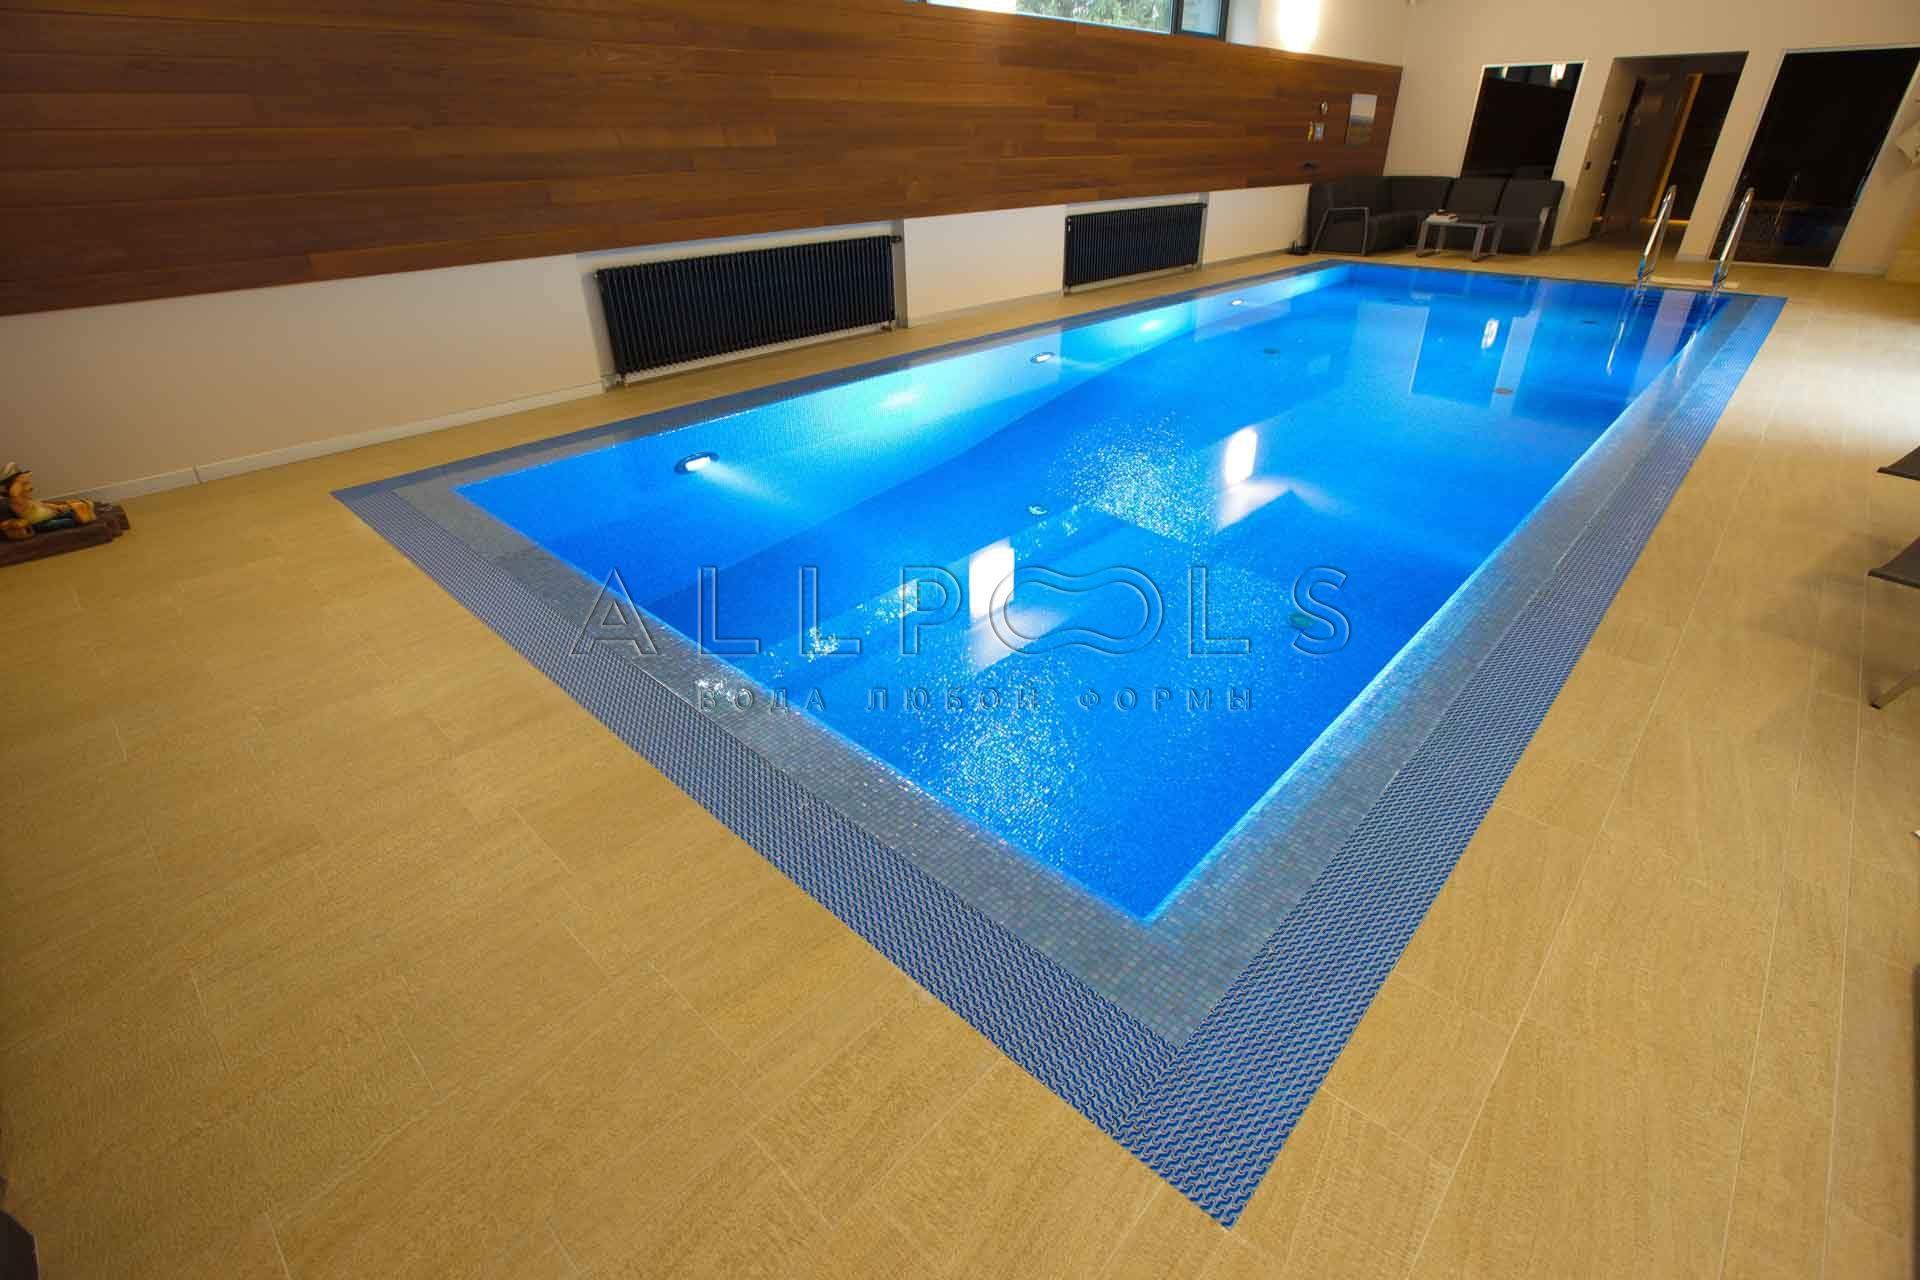 Прозрачная вода в частном бассейне от компании Allpools